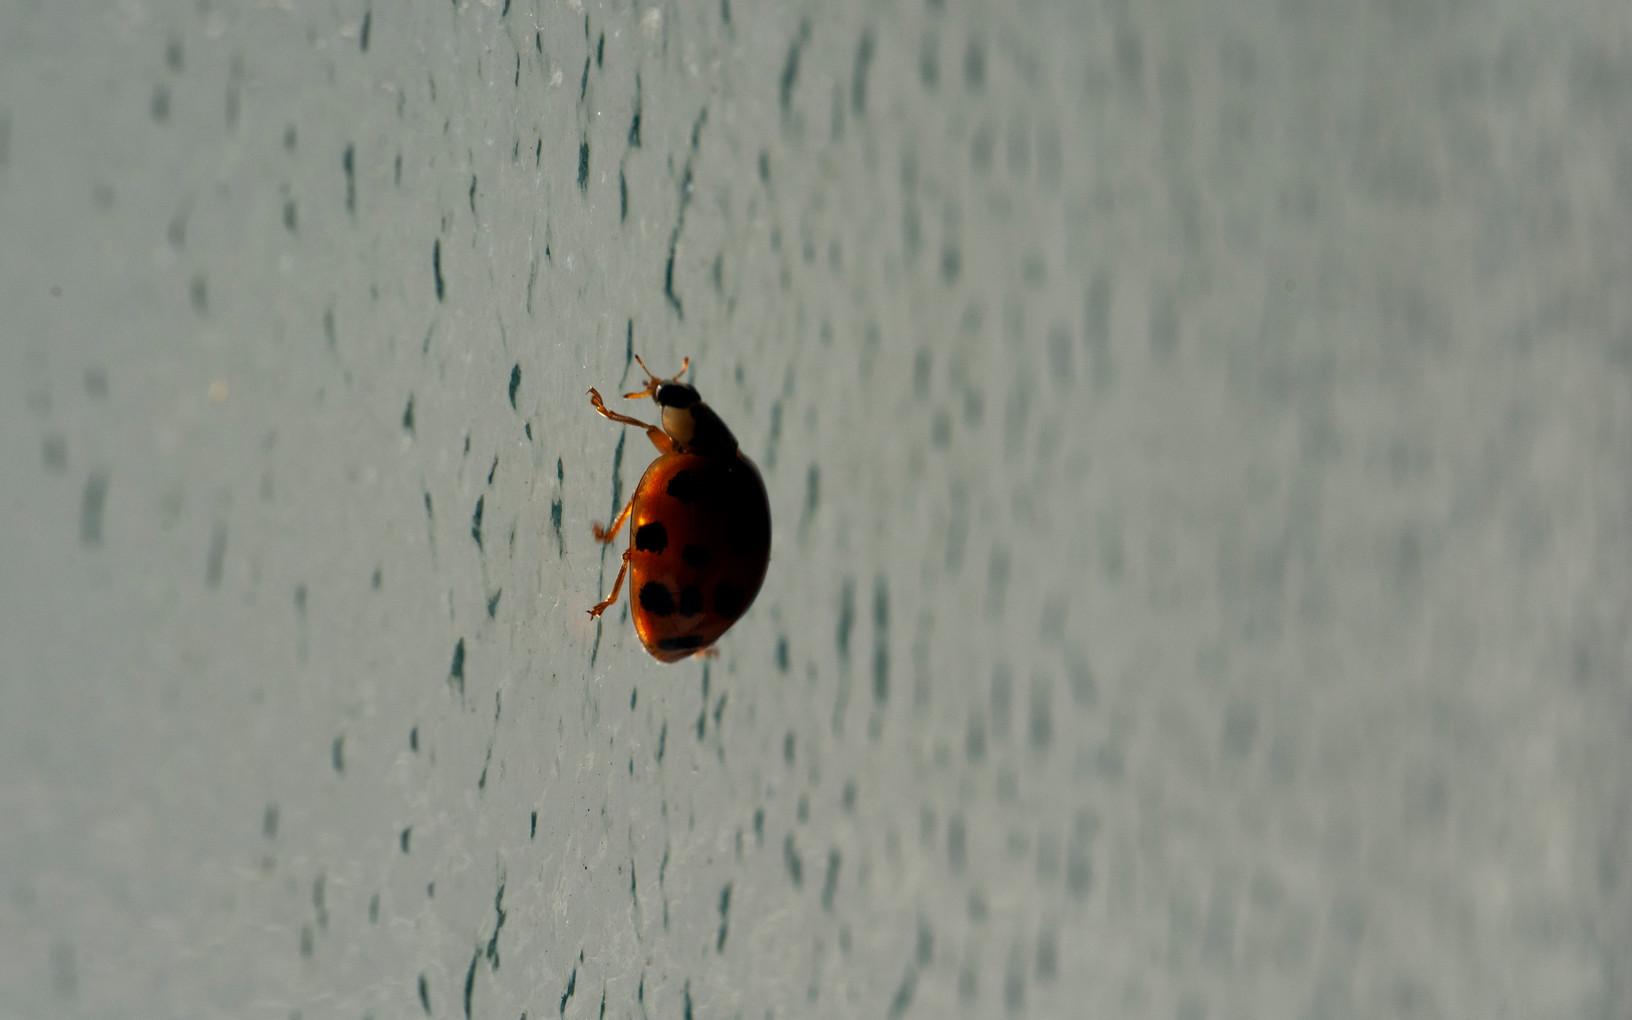 A ladybug flew in the bathroom | London, March 2020.